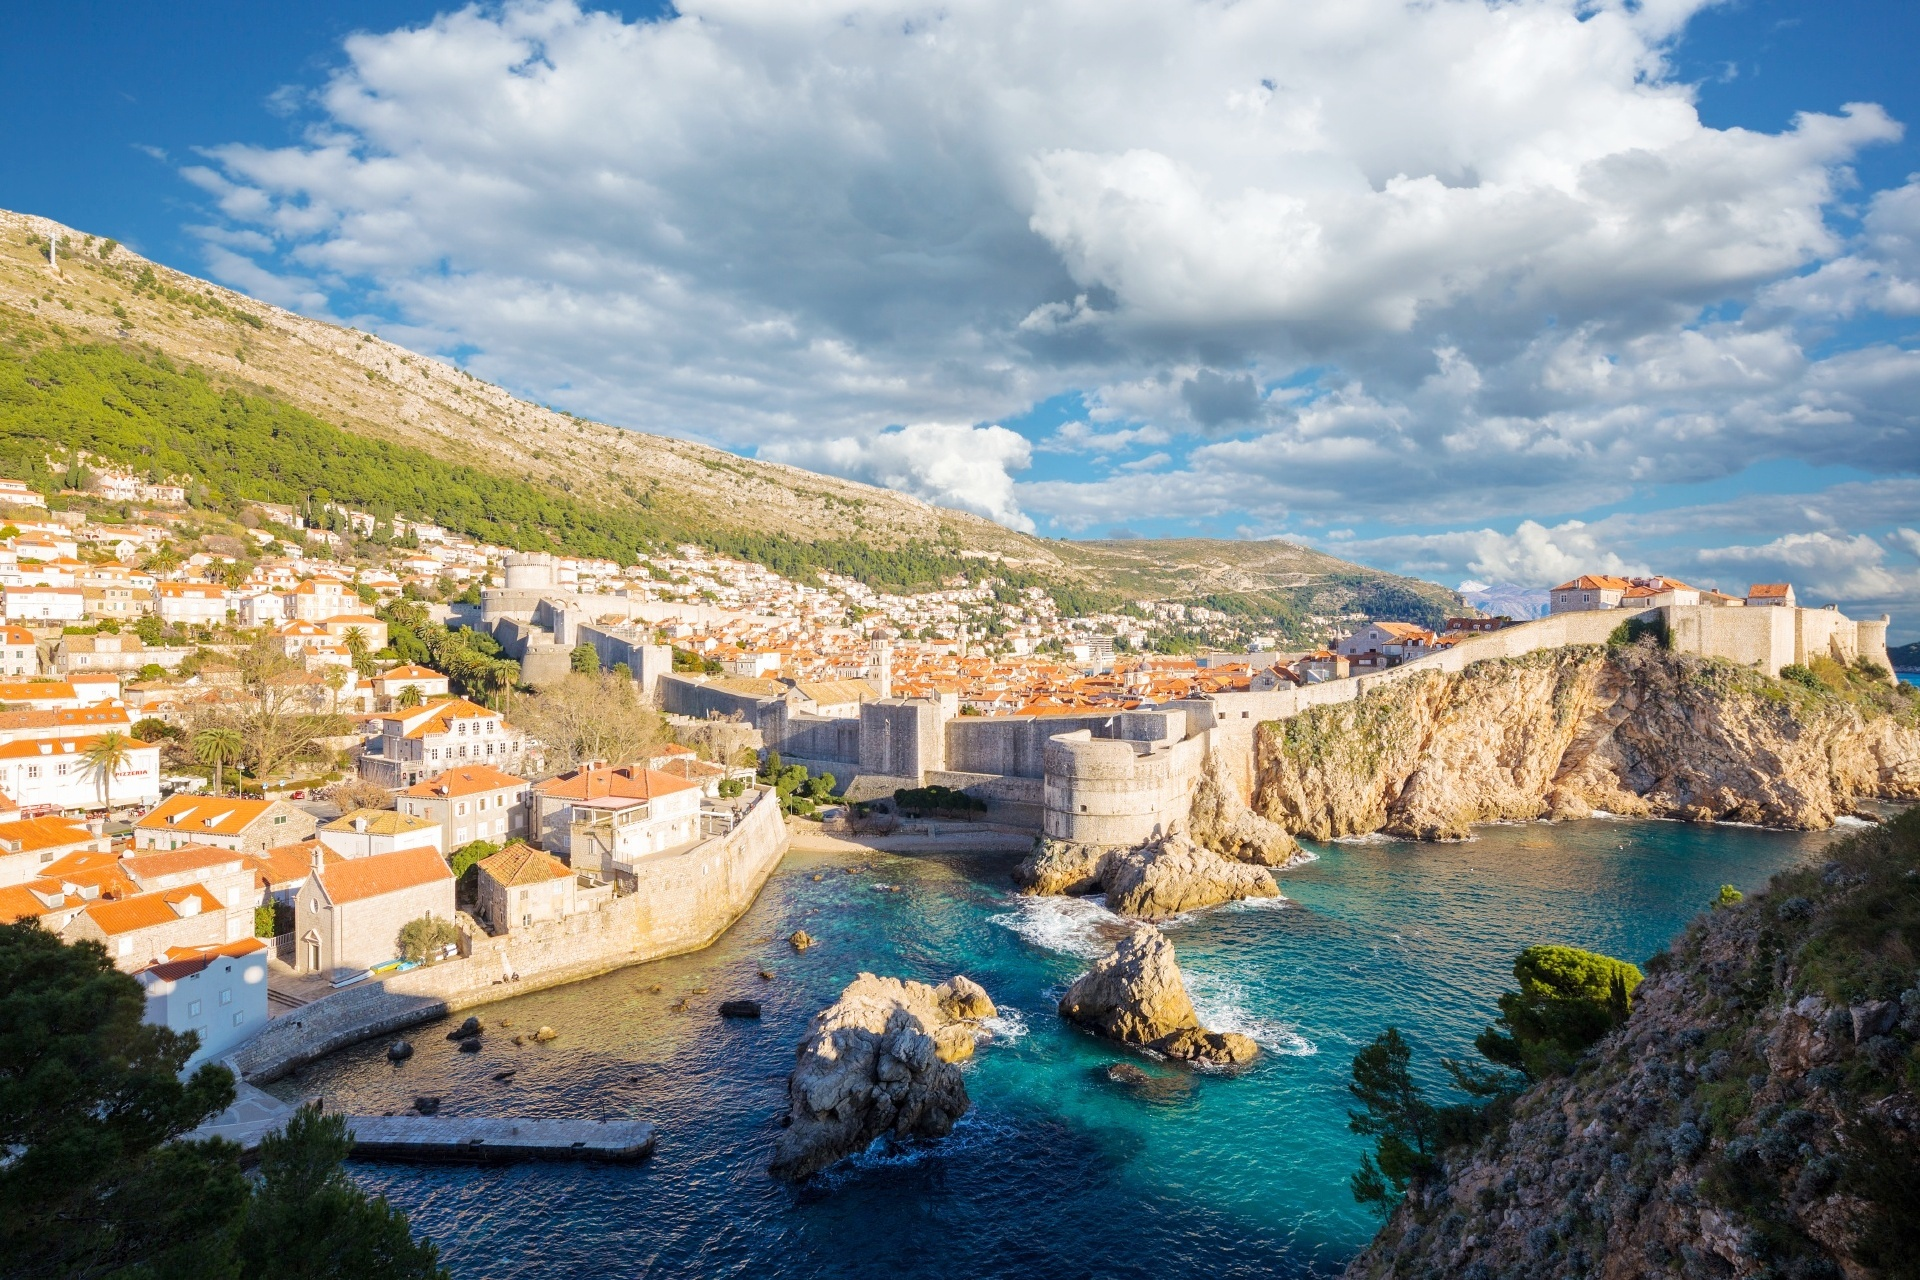 クロアチア ドゥブロヴニクの風景 クロアチアの風景